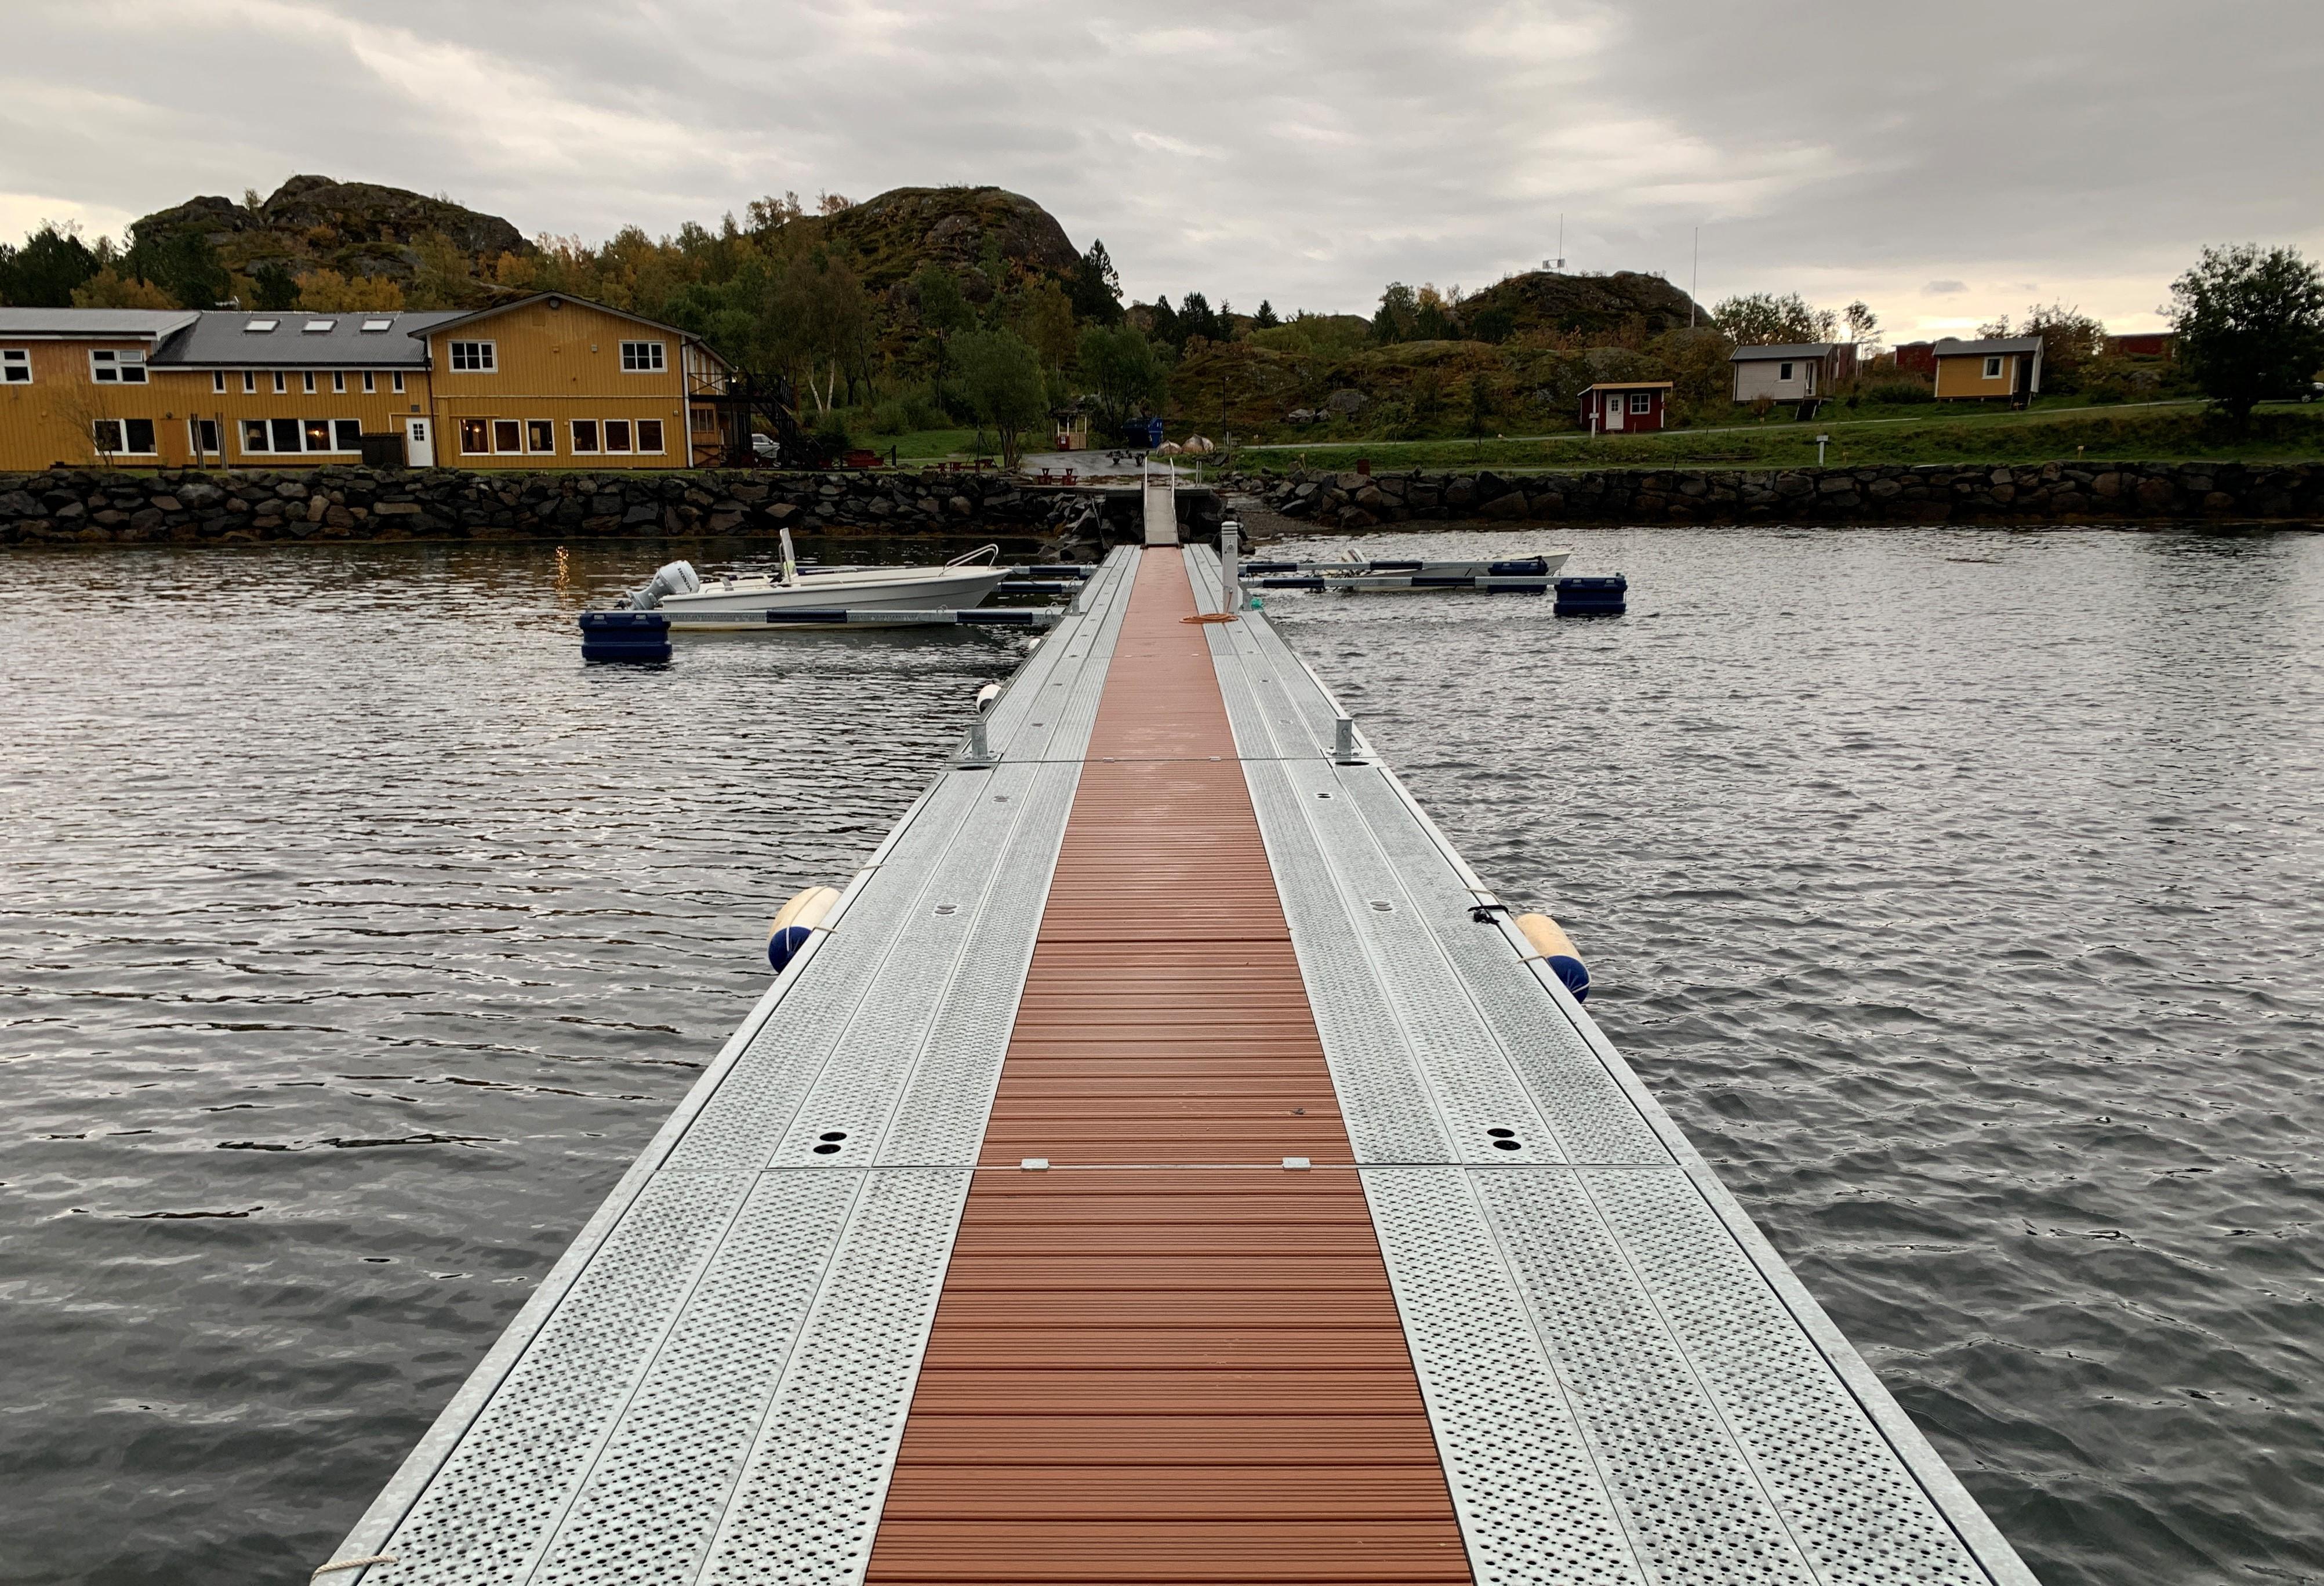 https://www.marinasolutions.no/uploads/Ørsvågvær-Kabelvåg-3.JPG